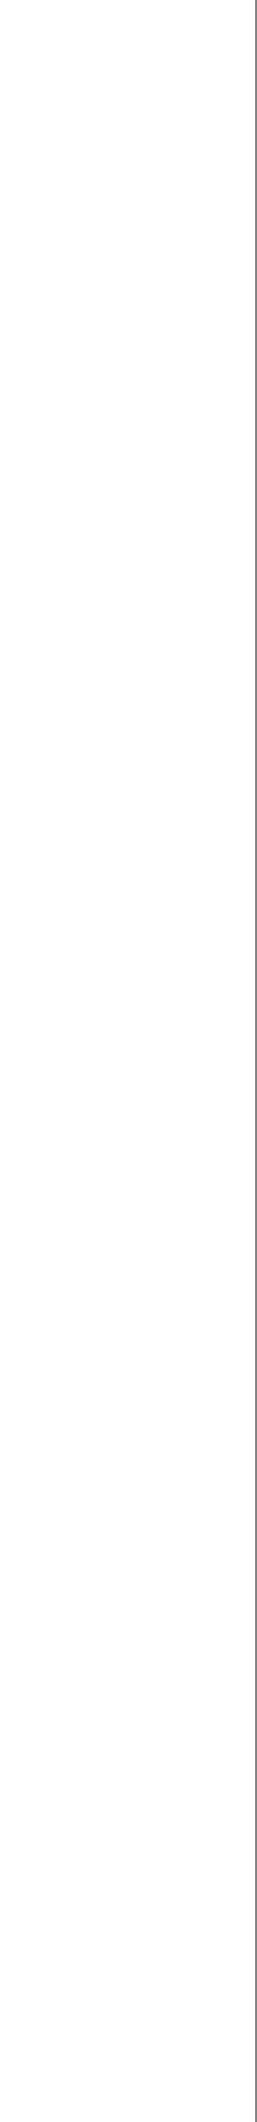 Выводы по первой главе на основе теоретико-методологического анализа объекта нашего исследования можно сформулировать ряд выводов: образовательный процесс в России поступательно развивается и современные образовательные проекты в той или иной мере используют ориентированный подход, проявляющийся в различных подходах, концепциях и моделях личностно-ориентированного образования.социально-гуманистическую, идеологическую, ориентирующую, интерпретационную, синтезирующую, просветительную, воспитательную, рефлексивную (развивающую), организационную, прогностическую, онтологическую     Попытки типизировать и классифицировать профессиональные мотивы и мотивы в данной сфере предпринимались неоднократно и с разных позиций.По мнению исследования профессиональной деятельности.При ϶том подходы к обоснованию многообразия видов профессиональных мотивов, типов мотивации и их классификации зависят от того, как тот или иной автор понимает сущность мотива профессиональной деятельности, какие исследовательские цели он преследует. Так, самая упрощенная классификация подразделяет профессиональную мотивацию на положительную и отрицательную.Достаточно распространенным в педагогике и психологии подходом к классификации мотивов является дифференциация их по критерию протяженности во времени. Так (1991) по временной протяженности деятельности дифференцирует мотивацию на «далекую» и «короткую» [136].      Причем устойчивые мотивы он называет мотивационными установками, которые, в свою очередь, подразделяет на: оперативные –для исполнения; перманентные – долговременные, характеризующие направленность личности. Дифференциация мотивов по критерию направленности задана.Она подразделяет мотивы на личностные и общественные, ϶гоистические и общественно значимые, которые, по её мнению, связаны с установками личности [29]. Близкой к классификации, заданной по параметру направленности личности (её установкам), является типология, предложенная, основанная на критерии мировоззрения личности: идейные (нравс